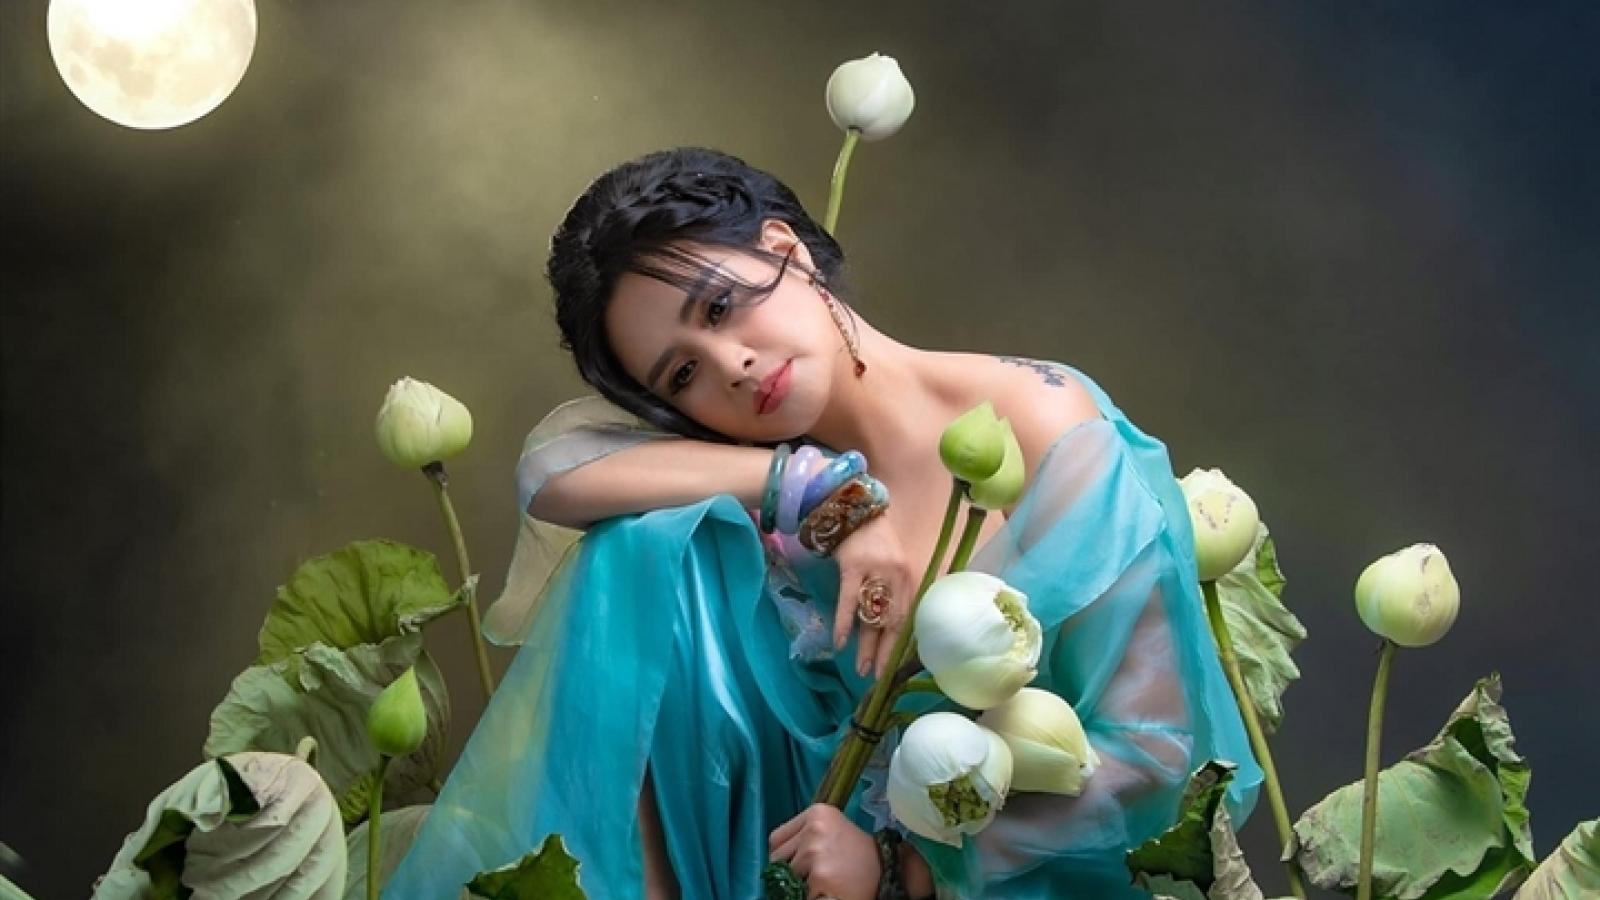 Ngắm người đàn bà đẹp Thanh Lam bên hoa sen